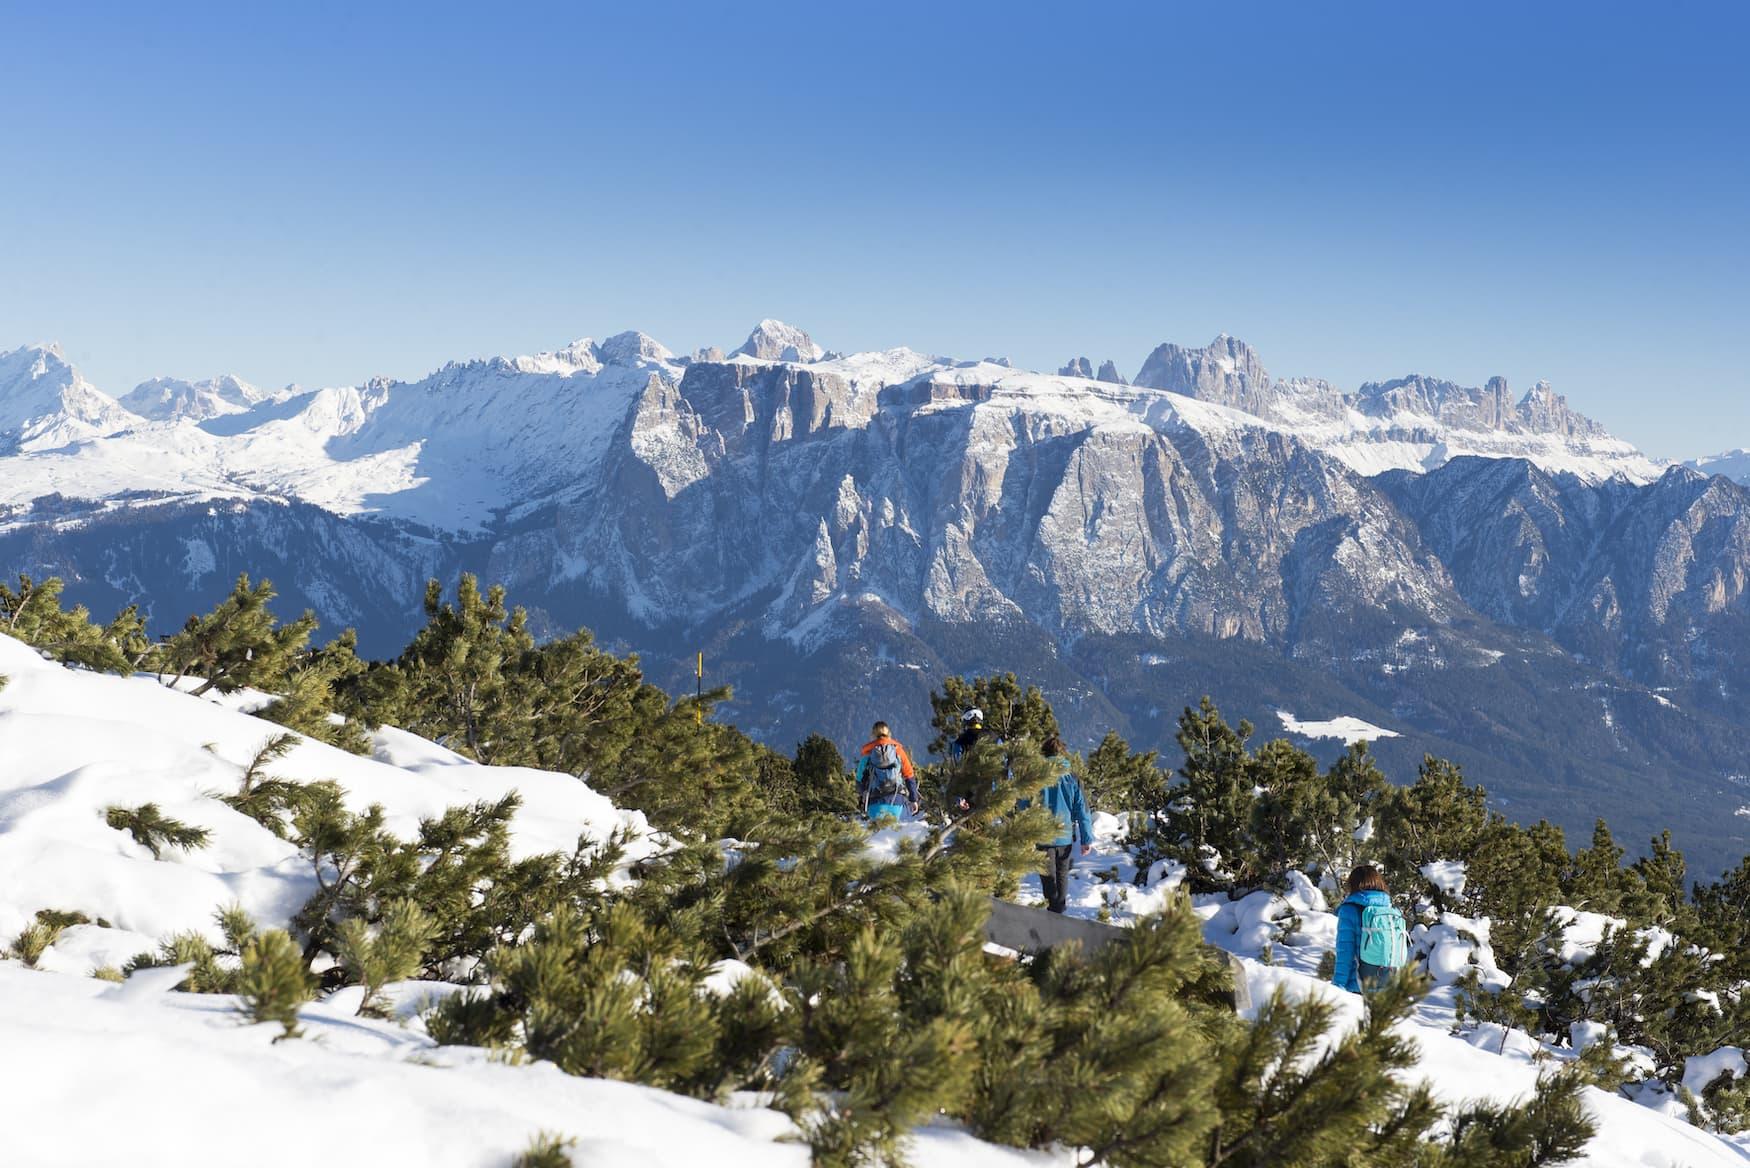 Familie wandert durch verschneite Landschaft in Ritten in Südtirol